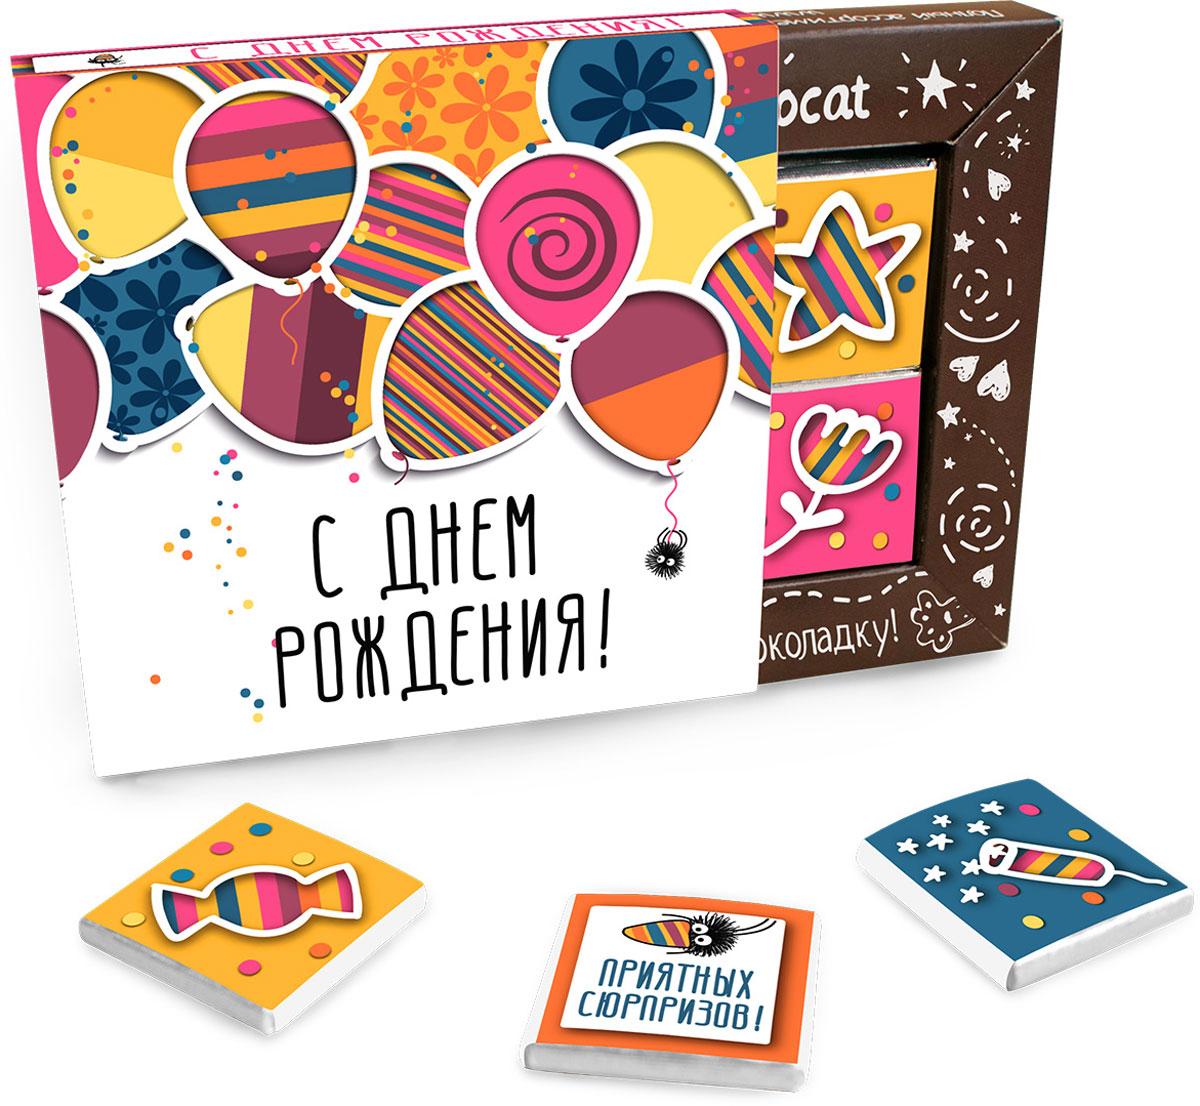 Chokocat С днем рождения молочный шоколад, 60 г. 774573 chokocat для позитива молочный шоколад 60 г